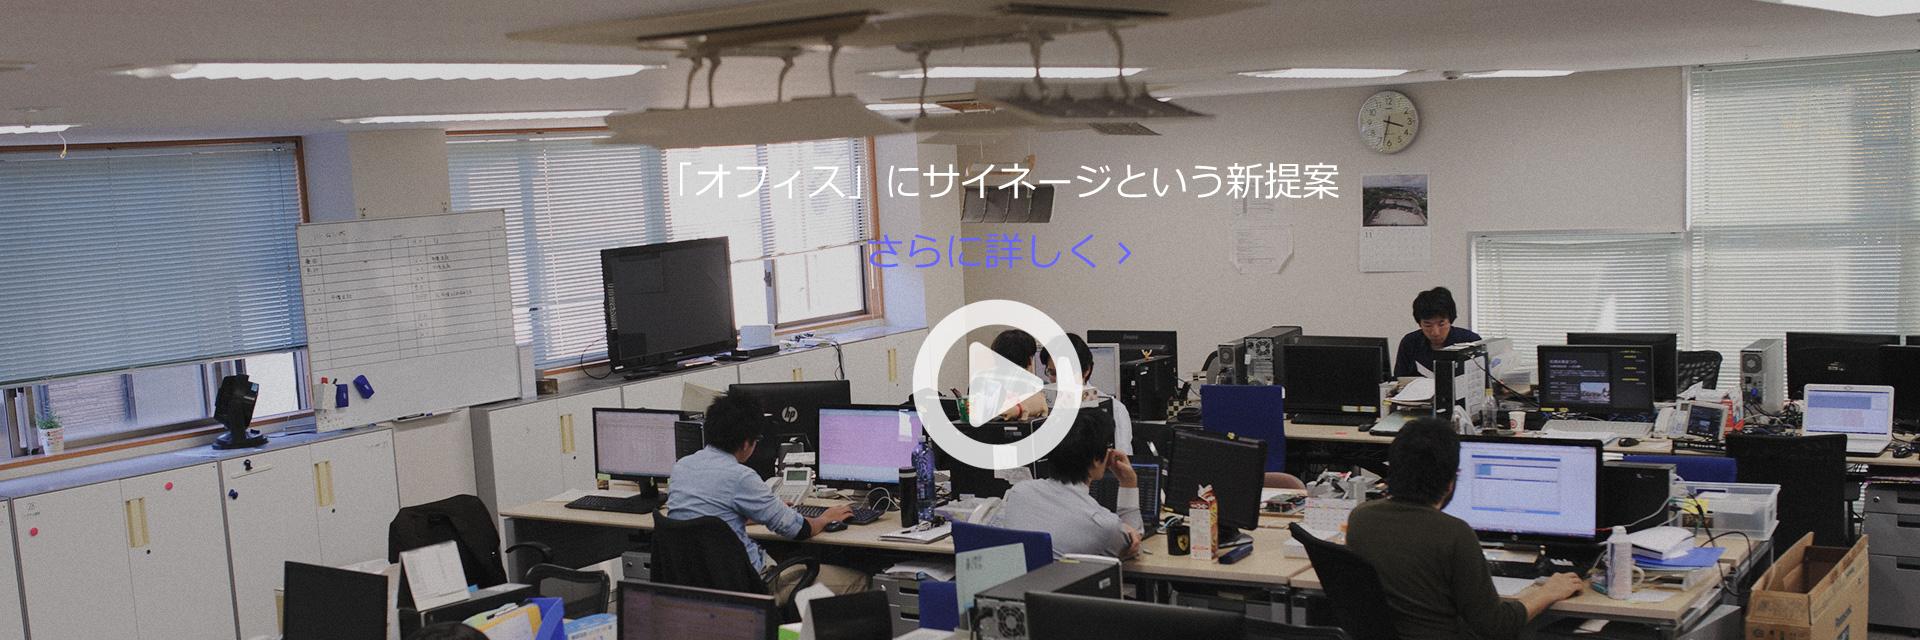 「オフィス」にデジタルサイネージという新提案